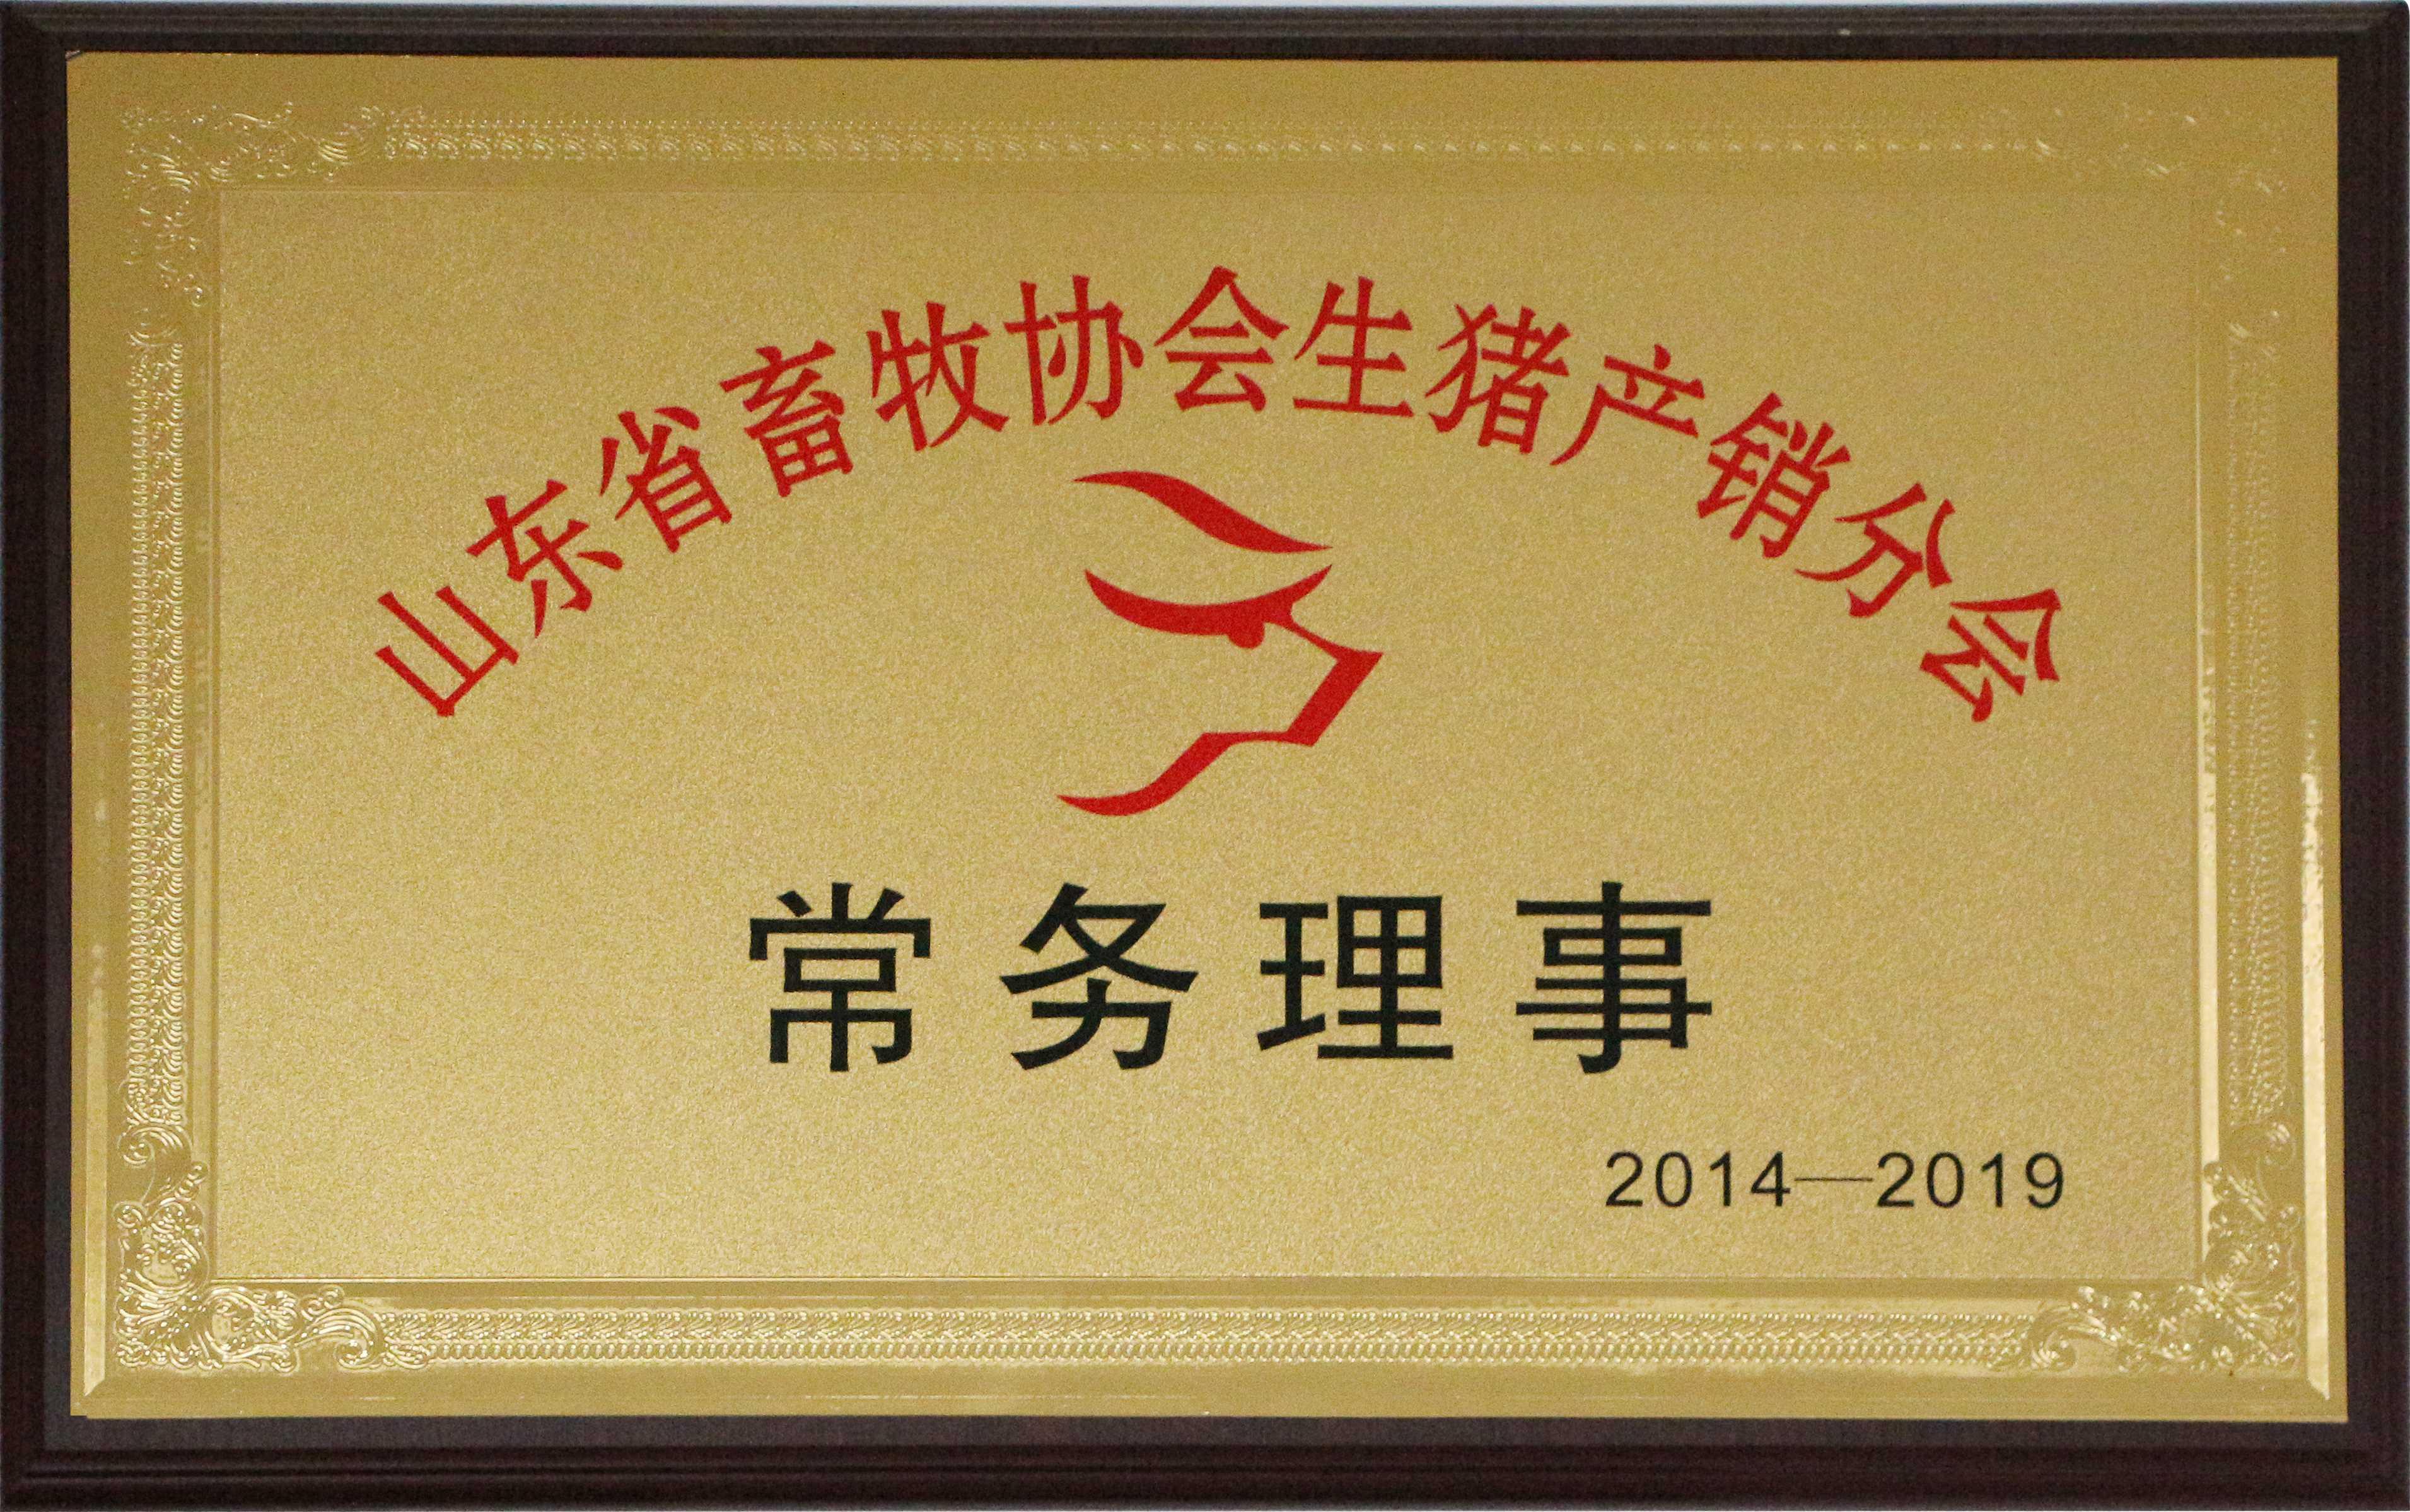 山東省畜牧協會生豬產銷分會常務理事